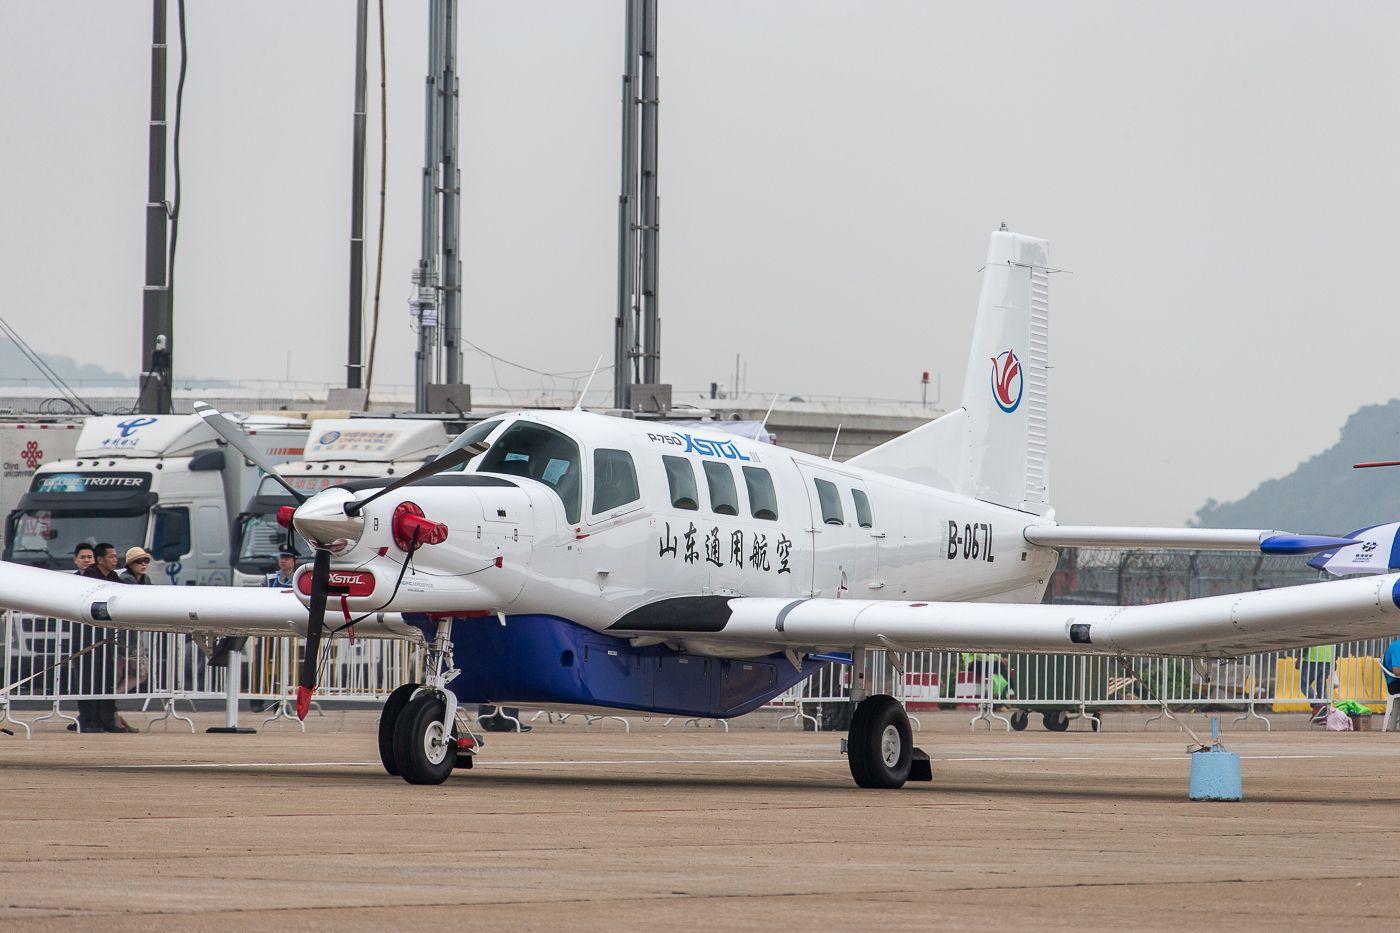 China airshow-2014:самолет для парашютистов PAC P-750 XSTOL